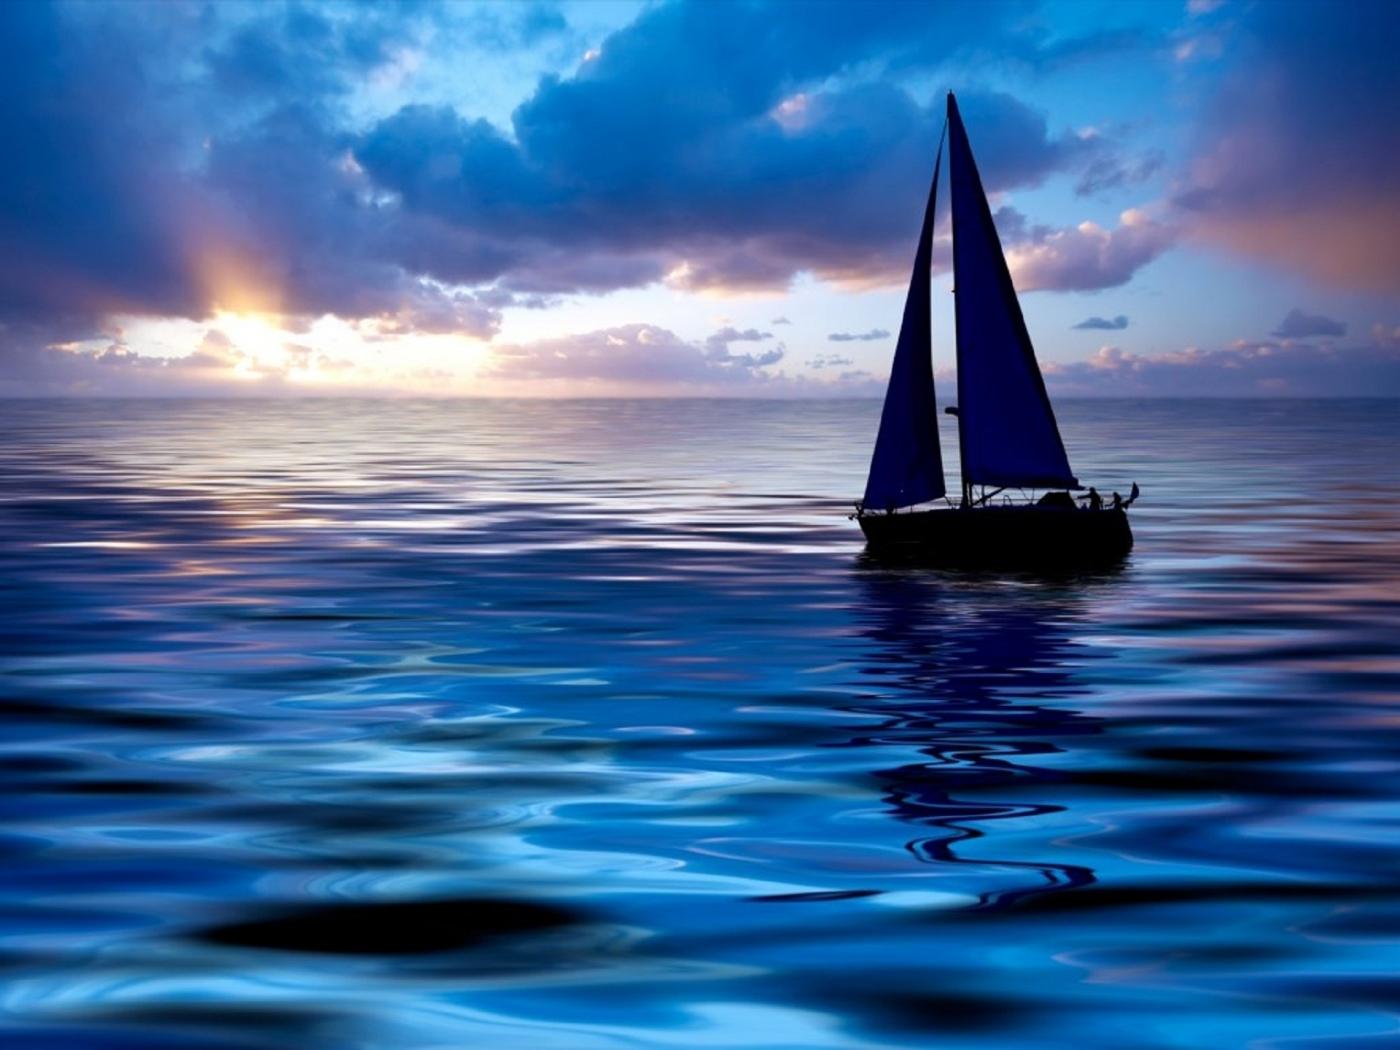 30245 Заставки и Обои Яхты на телефон. Скачать Пейзаж, Закат, Море, Яхты картинки бесплатно